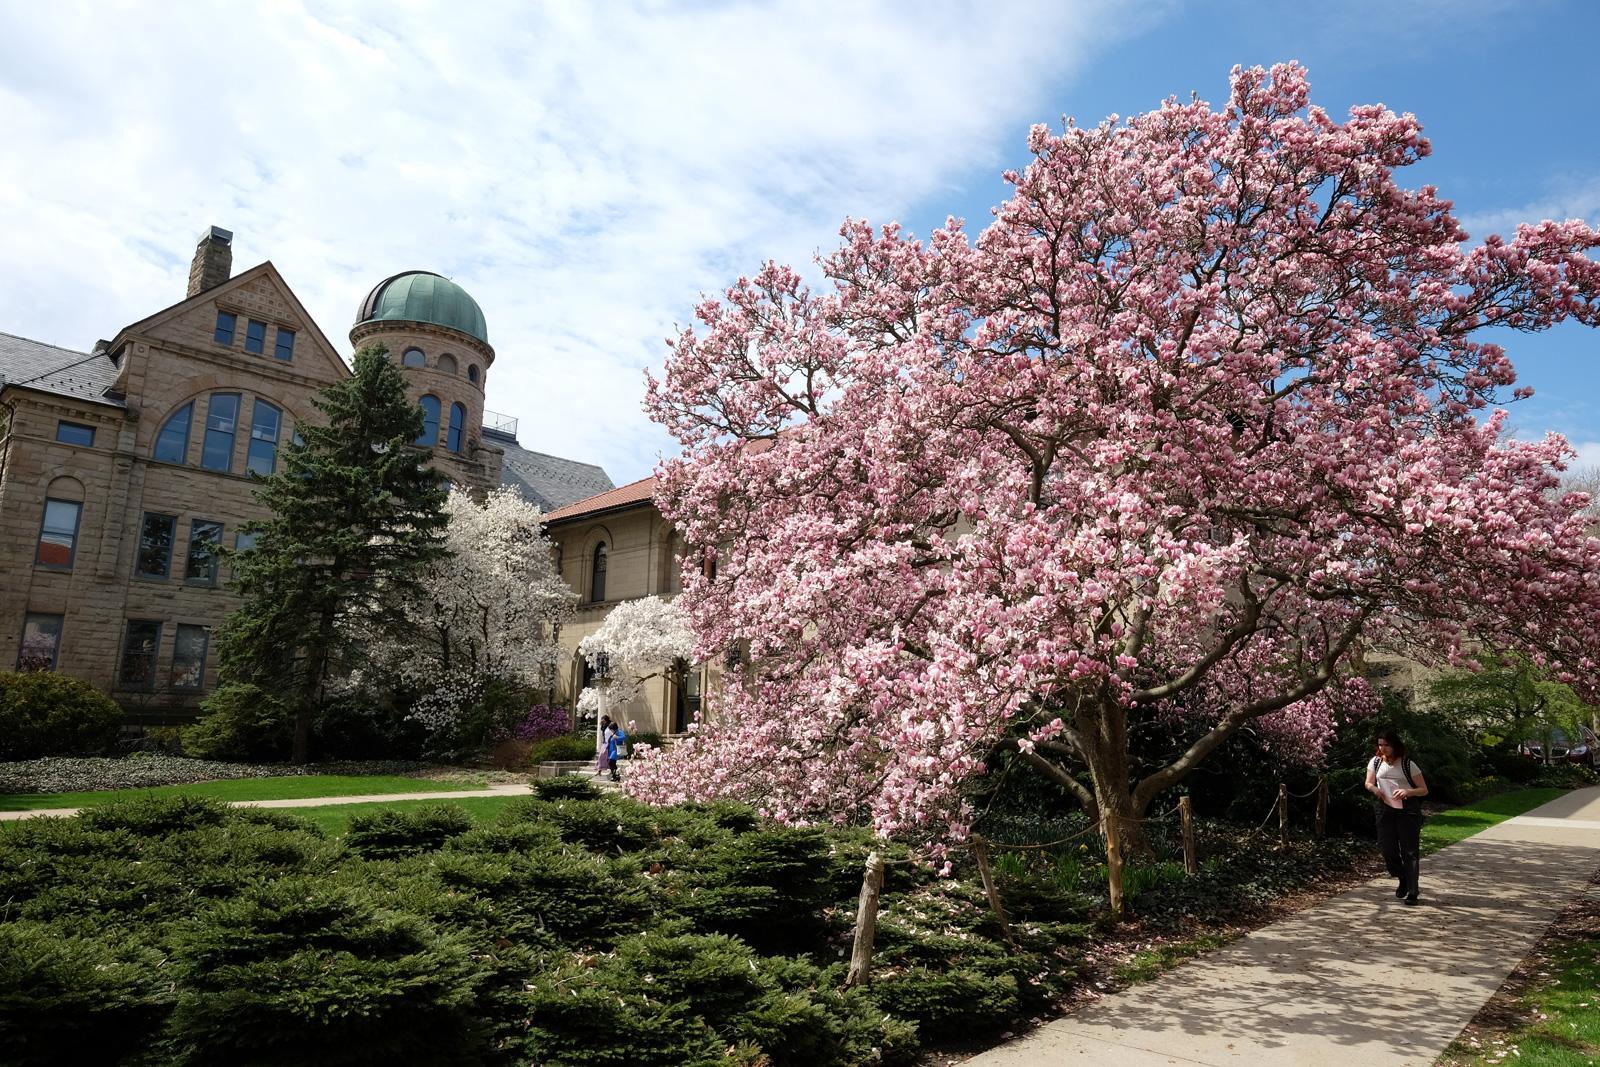 Campus scenery: flowering trees in spring.